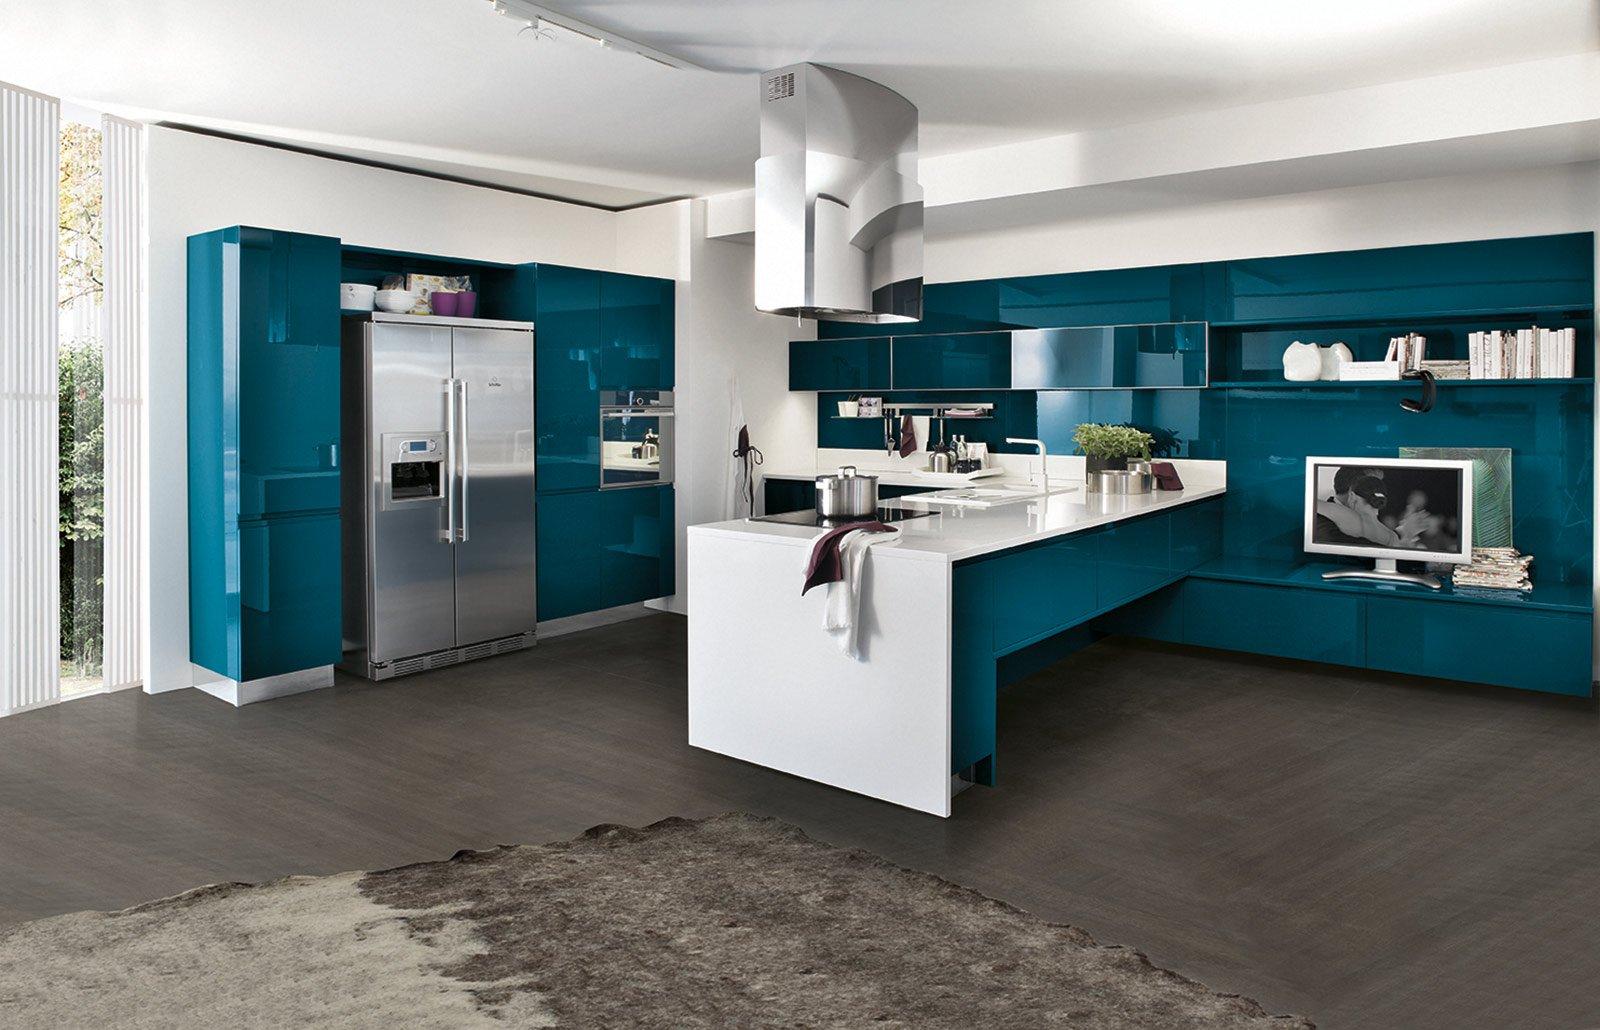 Cucine colorate come un quadro contemporaneo cose di casa - Cucine d arredo ...